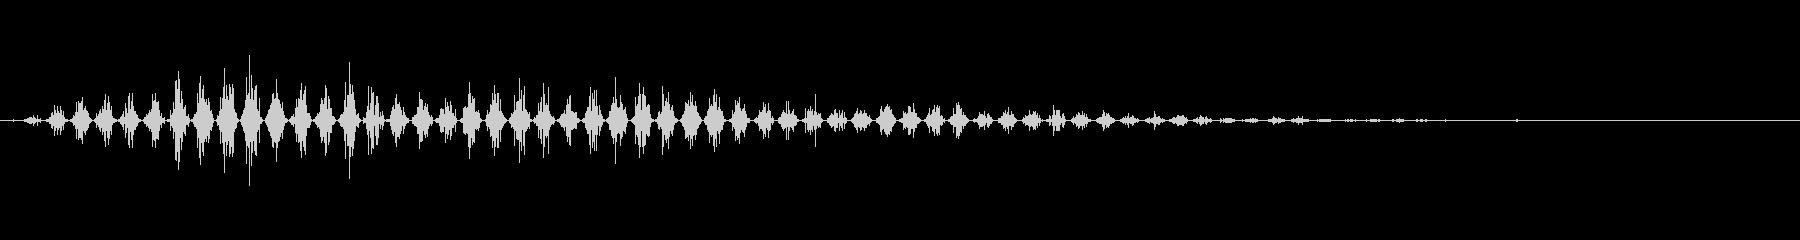 気持ち悪い音2の未再生の波形